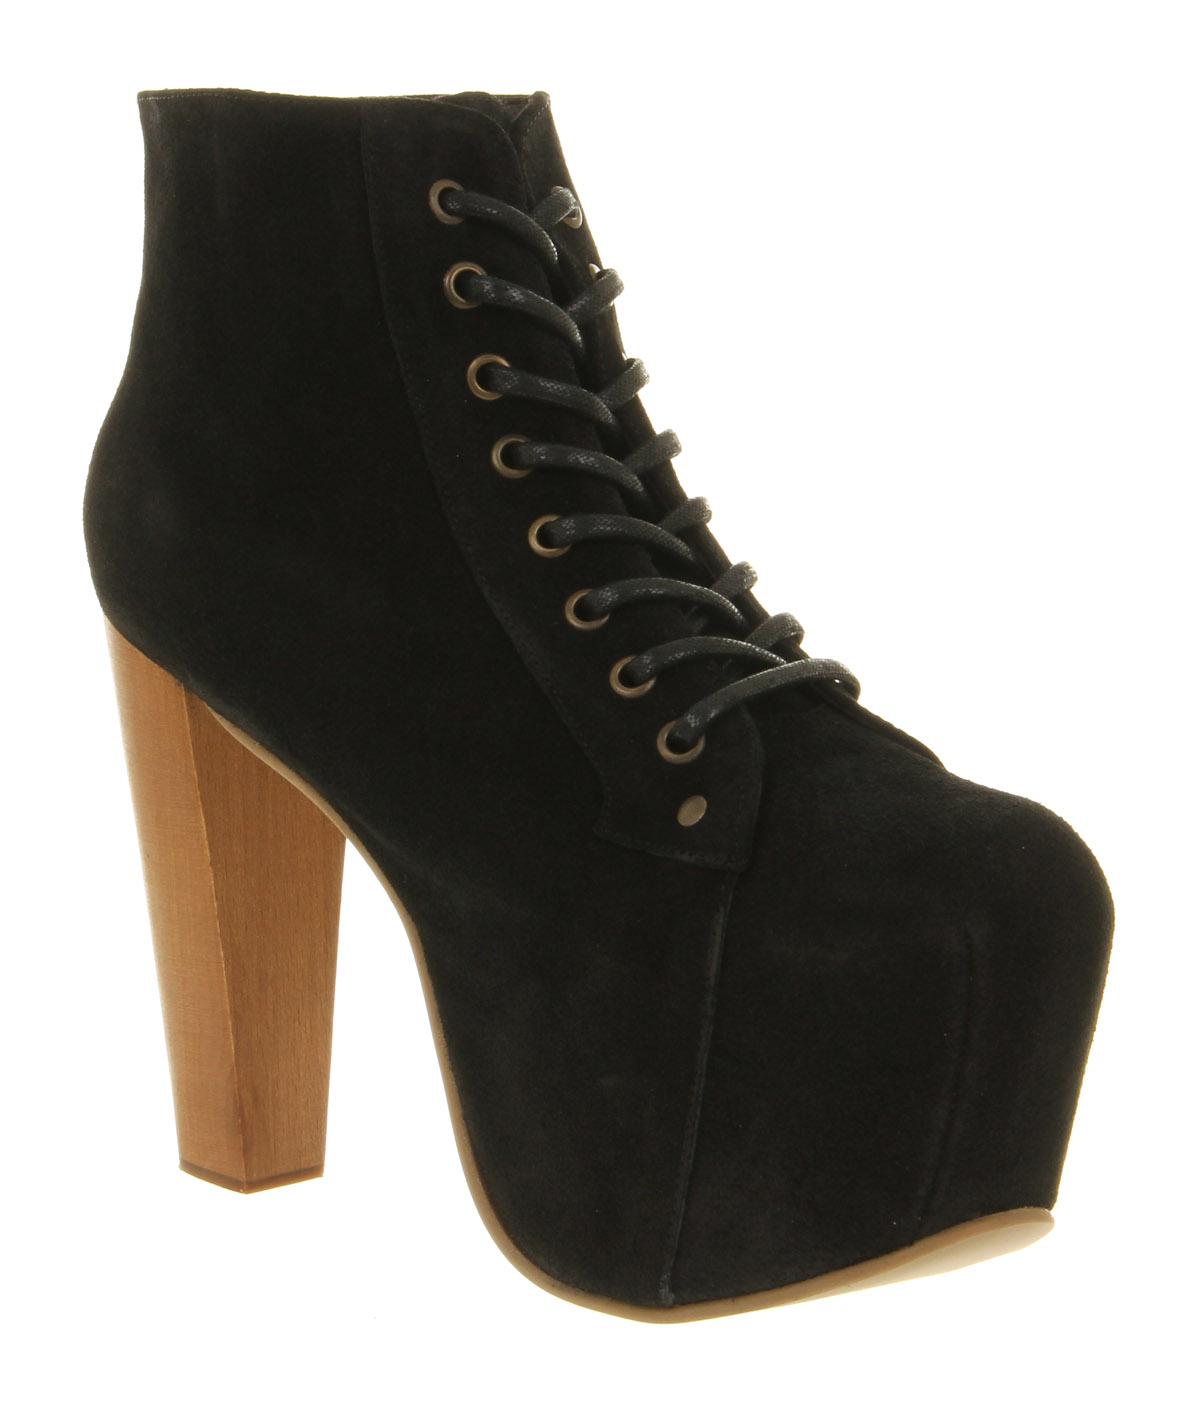 womens jeffrey campbell lita platform ankle boot black suede boots size 7 ebay. Black Bedroom Furniture Sets. Home Design Ideas